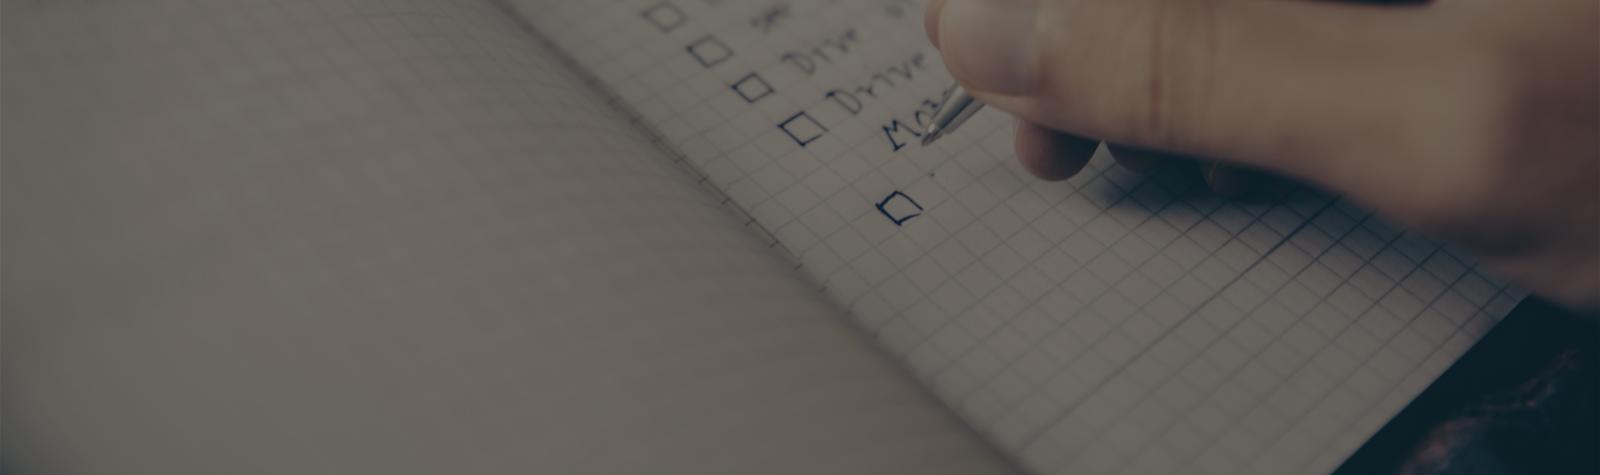 이메일 마케팅 : 치명적인 실수를 피하는 6가지 방법 /2탄